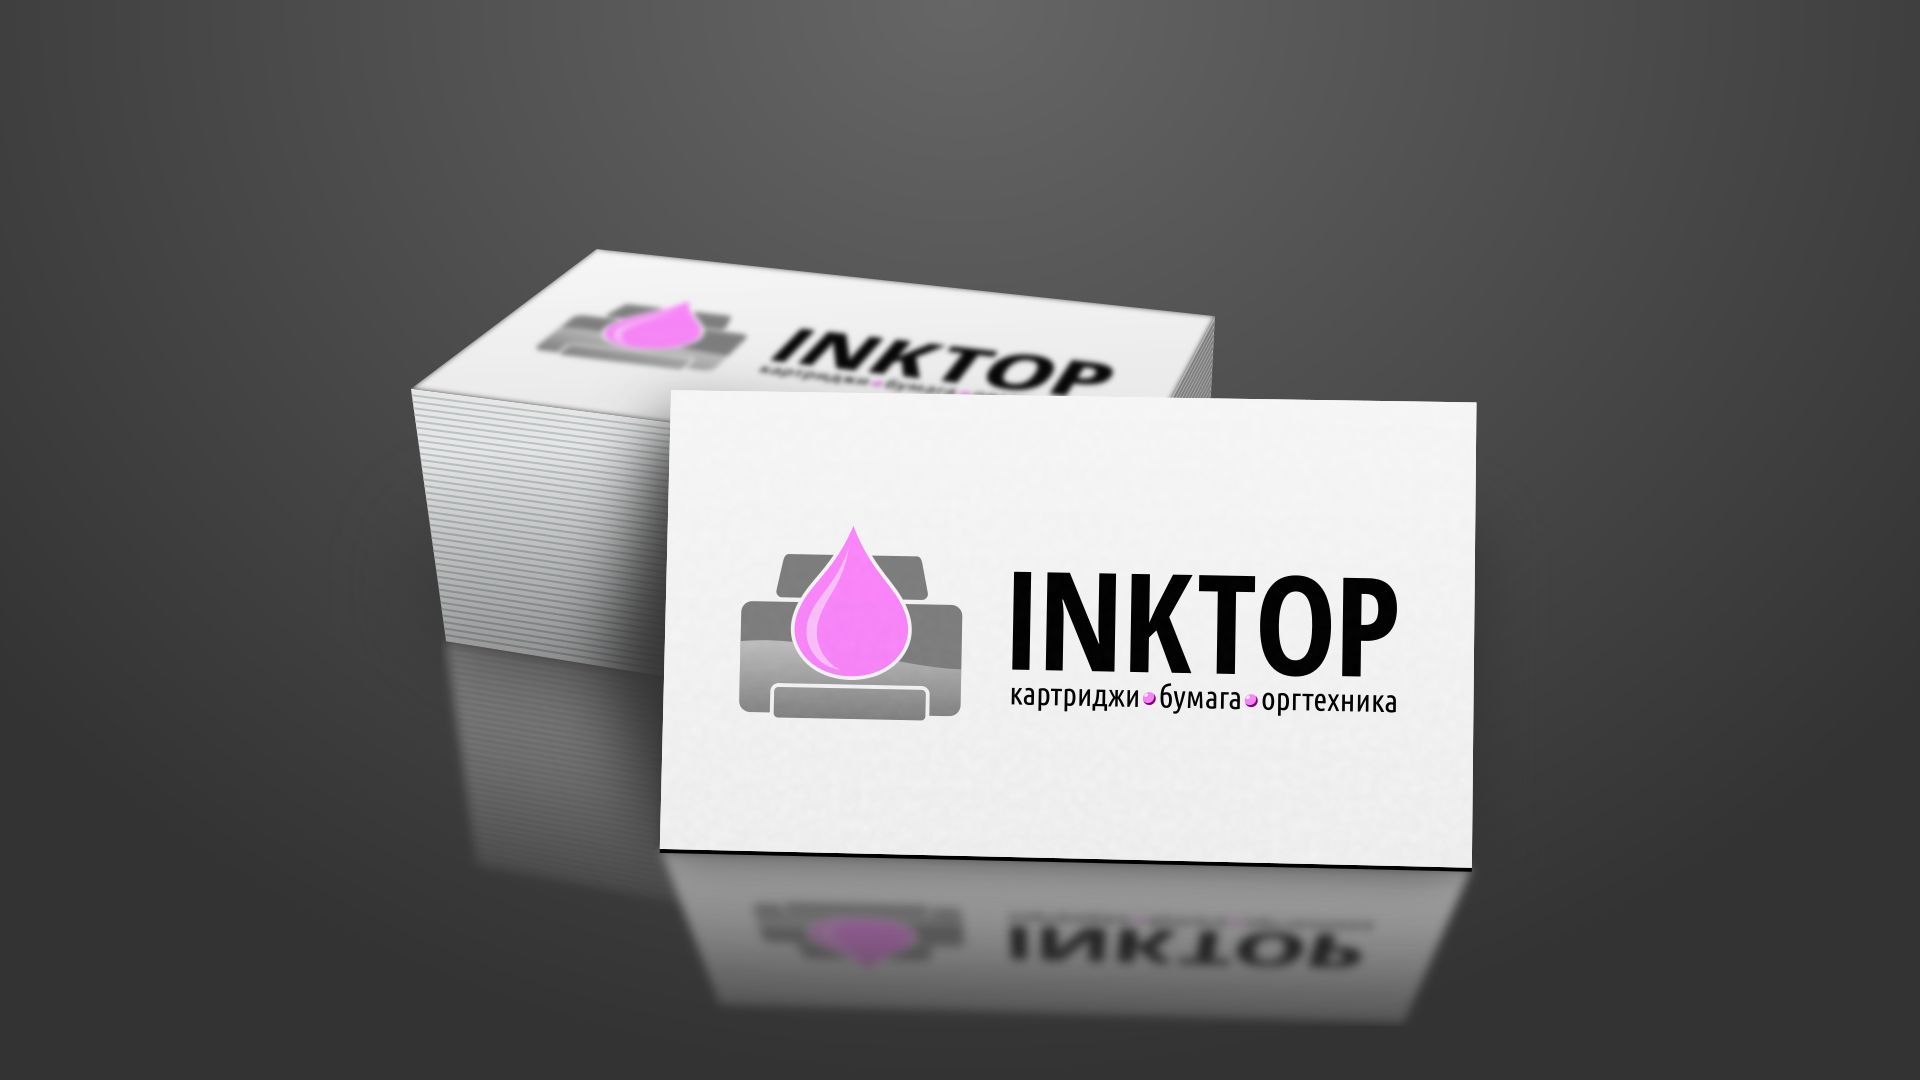 Логотип и фирм.стиль для магазина картриджей - дизайнер waP9eloo